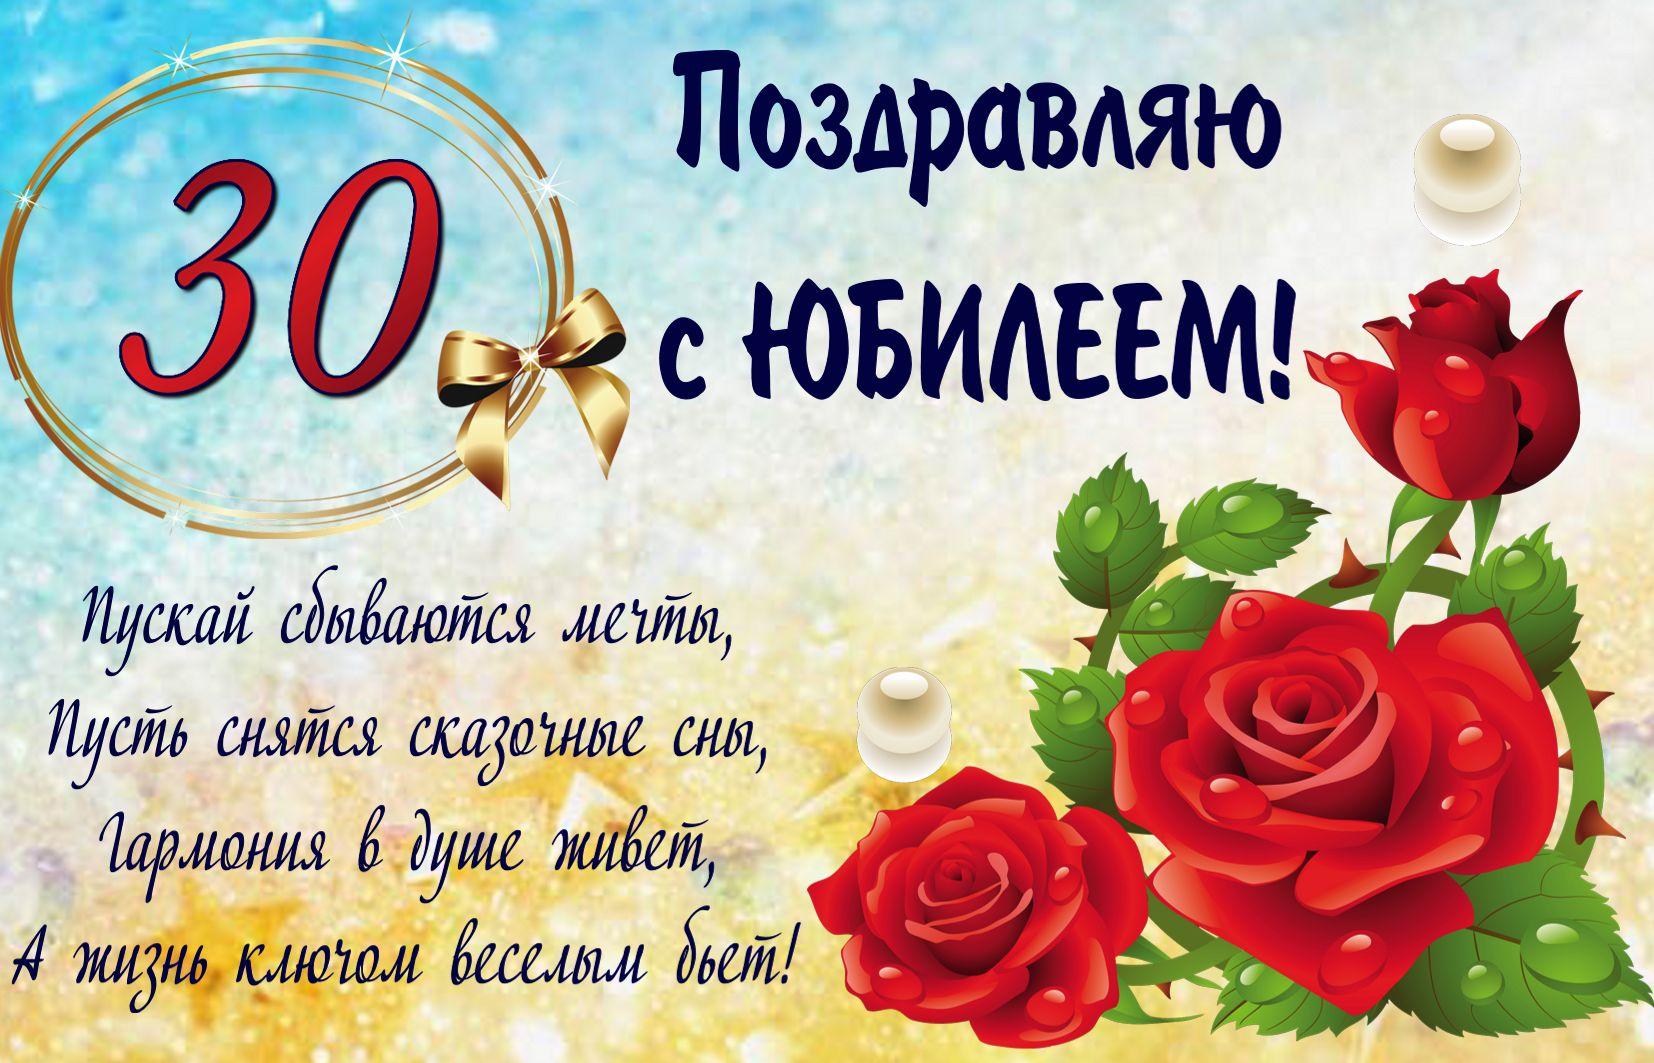 Новые поздравления с 30 летием 31